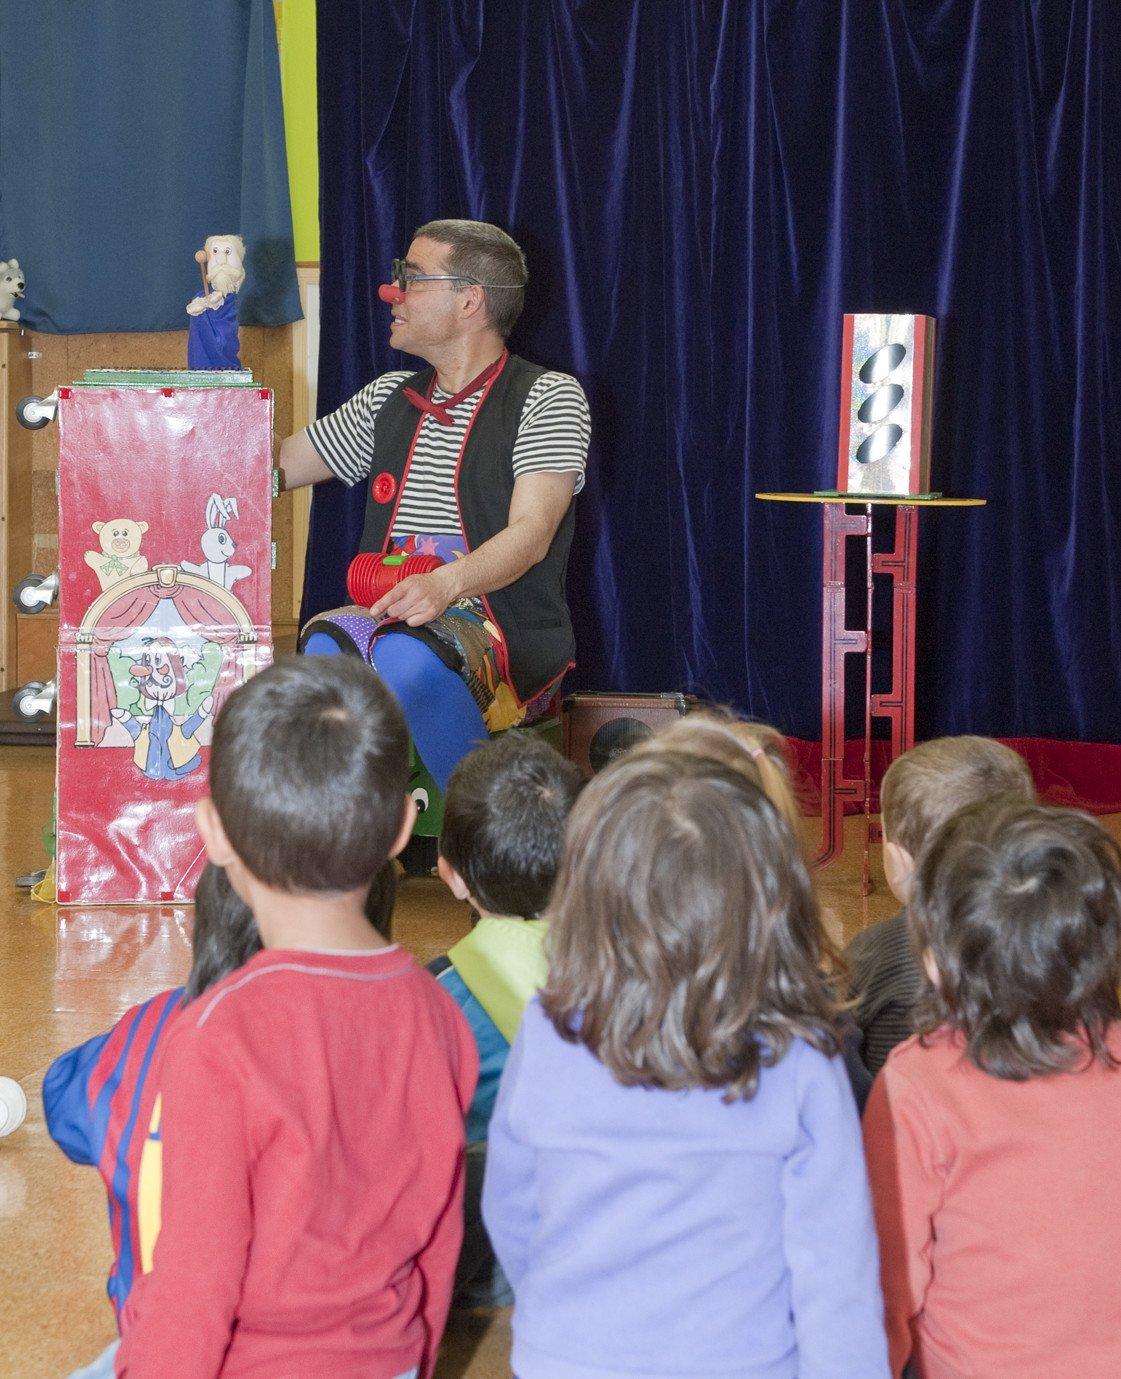 Un titella de mà en una actuació infantil a una llar d'infants